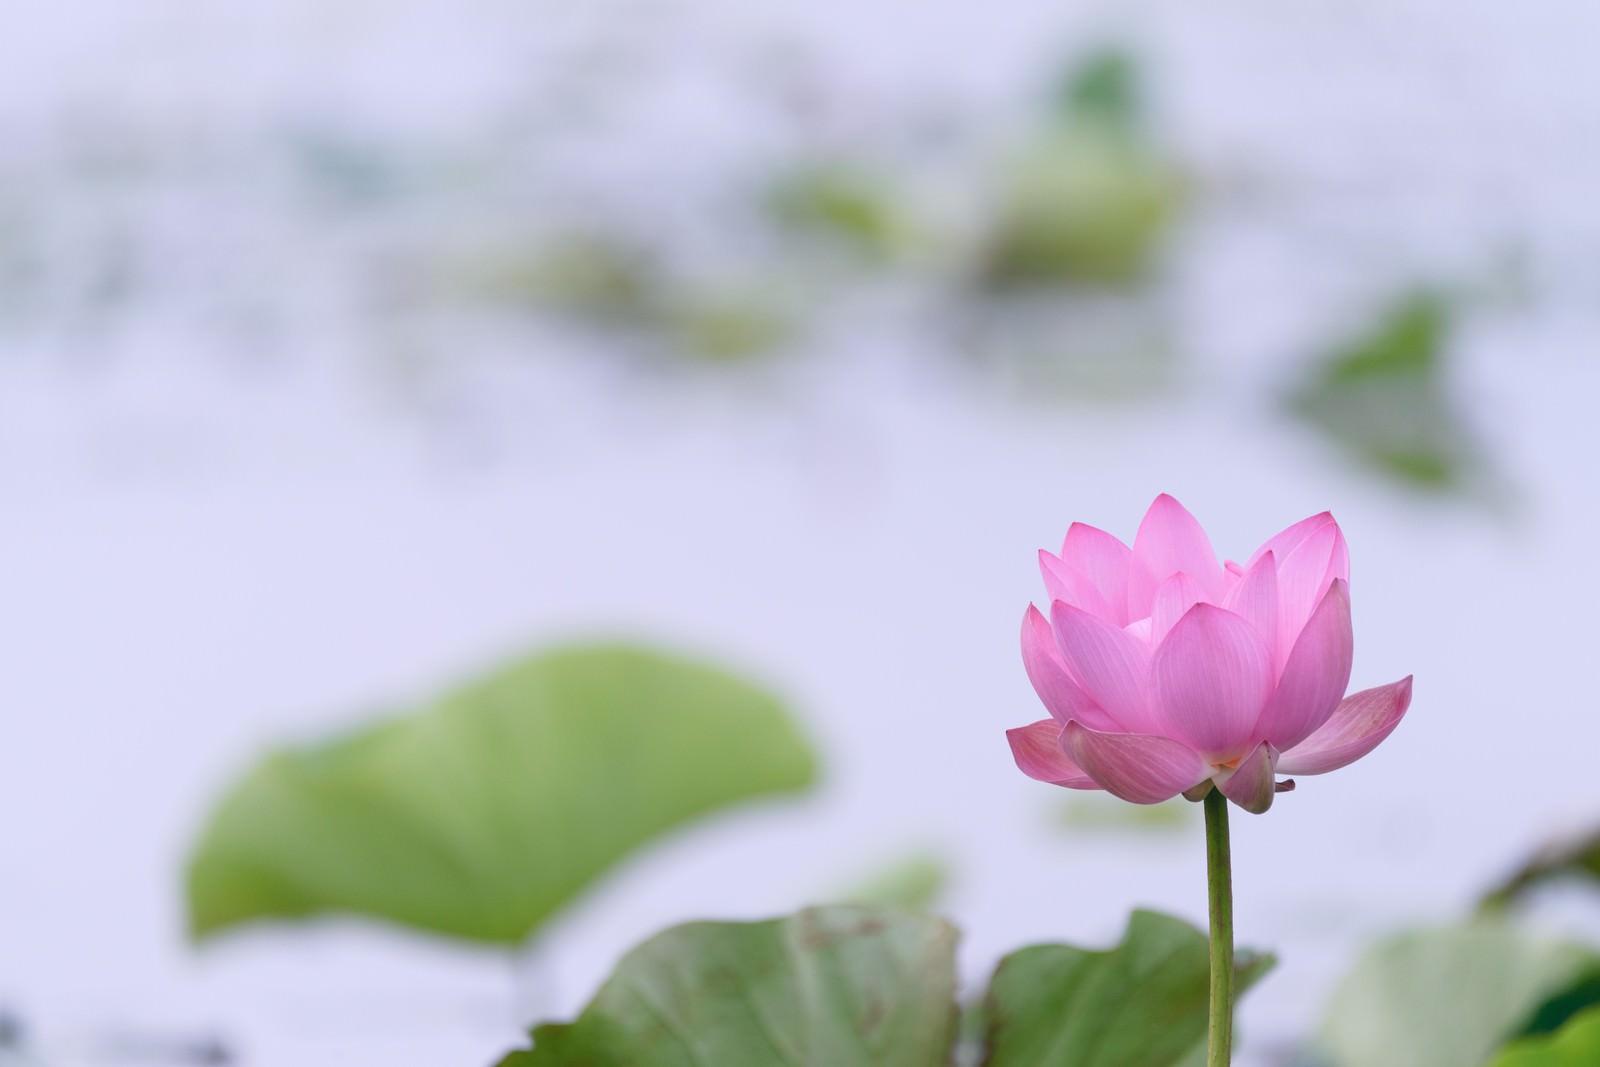 「池に咲く一輪の蓮(埼玉県川越市伊佐沼)」の写真